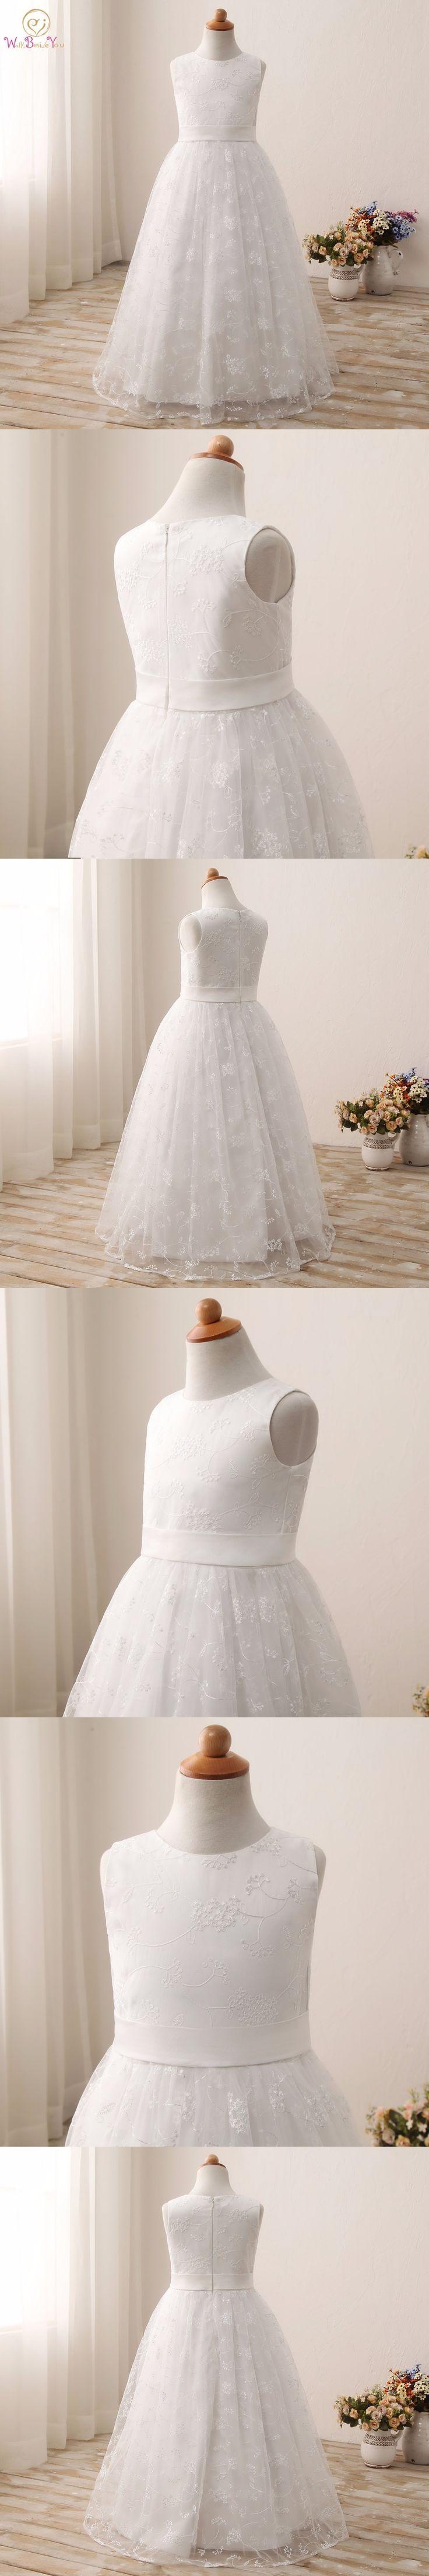 White / Ivory Flower Girl Dresses Lace A-line Sleeveless Long First Communion Dresses for Girls Vestido Daminha 2017 2-12 Stock